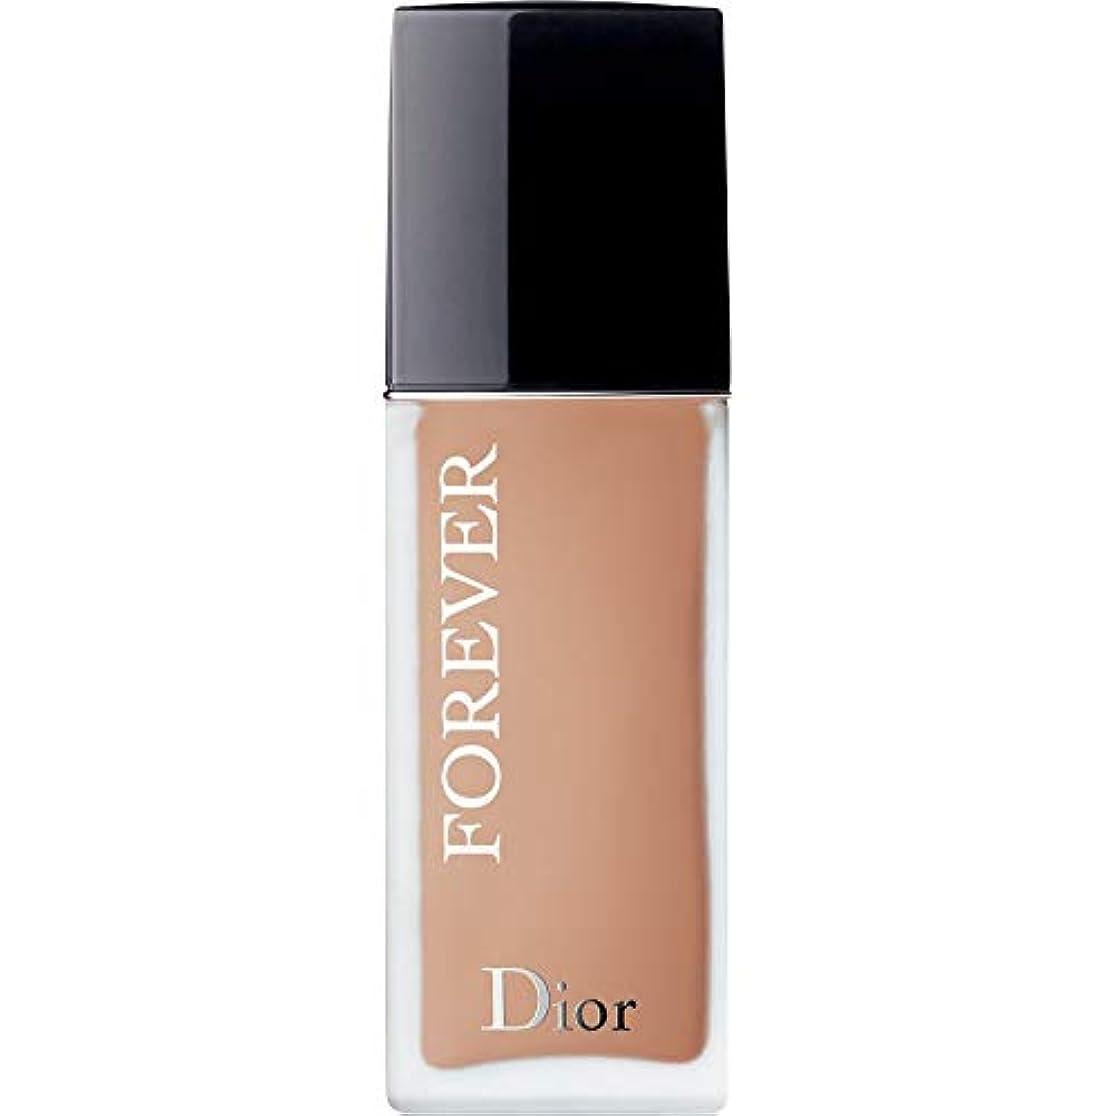 真剣に悔い改める作成者[Dior ] ディオール永遠皮膚思いやりの基礎Spf35 30ミリリットル4Cを - クール(つや消し) - DIOR Forever Skin-Caring Foundation SPF35 30ml 4C - Cool...